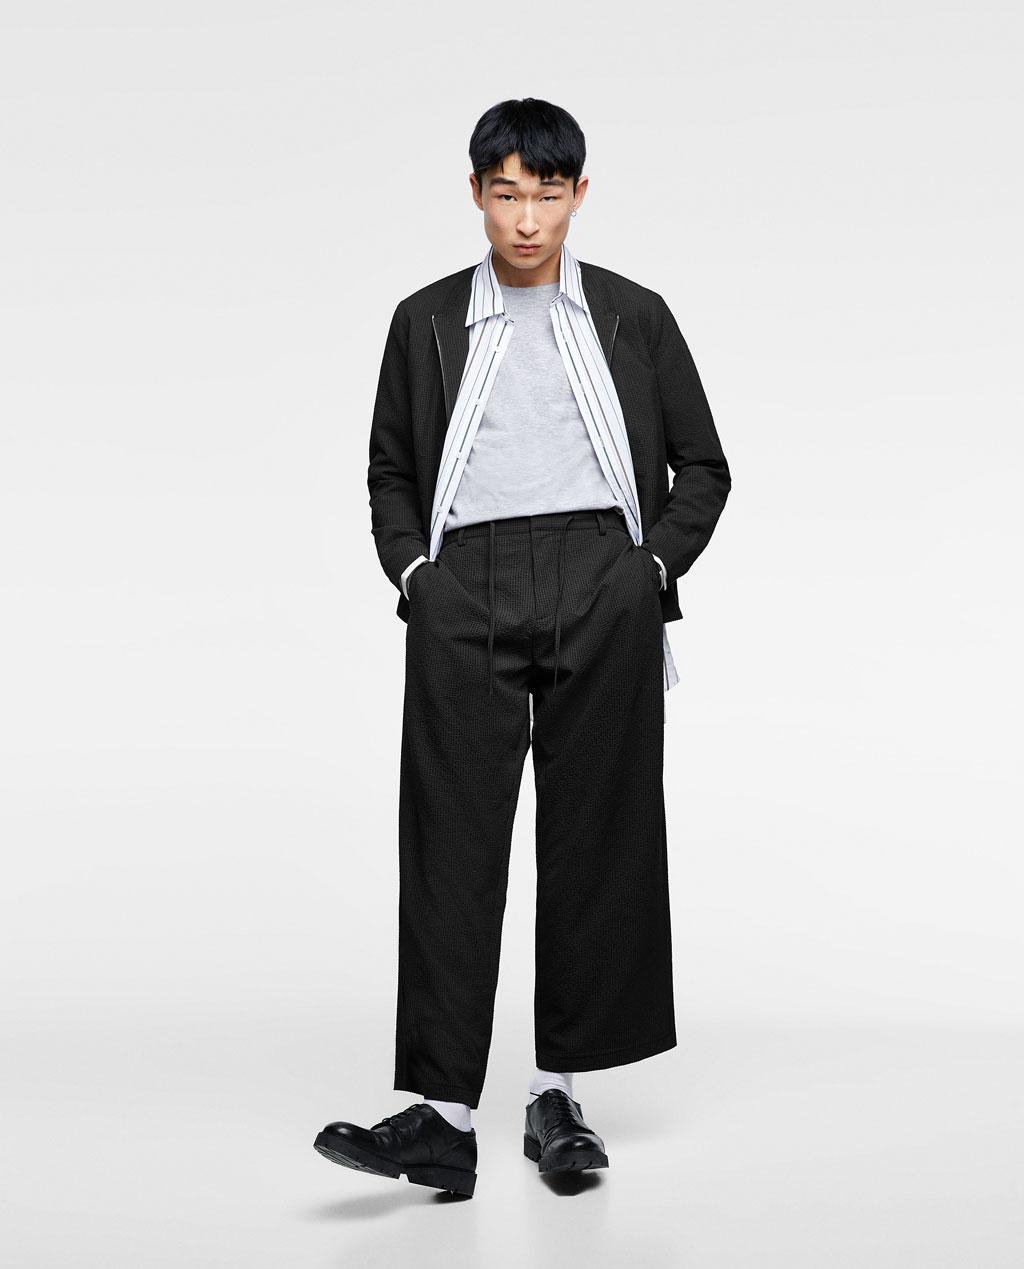 Thời trang nam Zara  24084 - ảnh 3